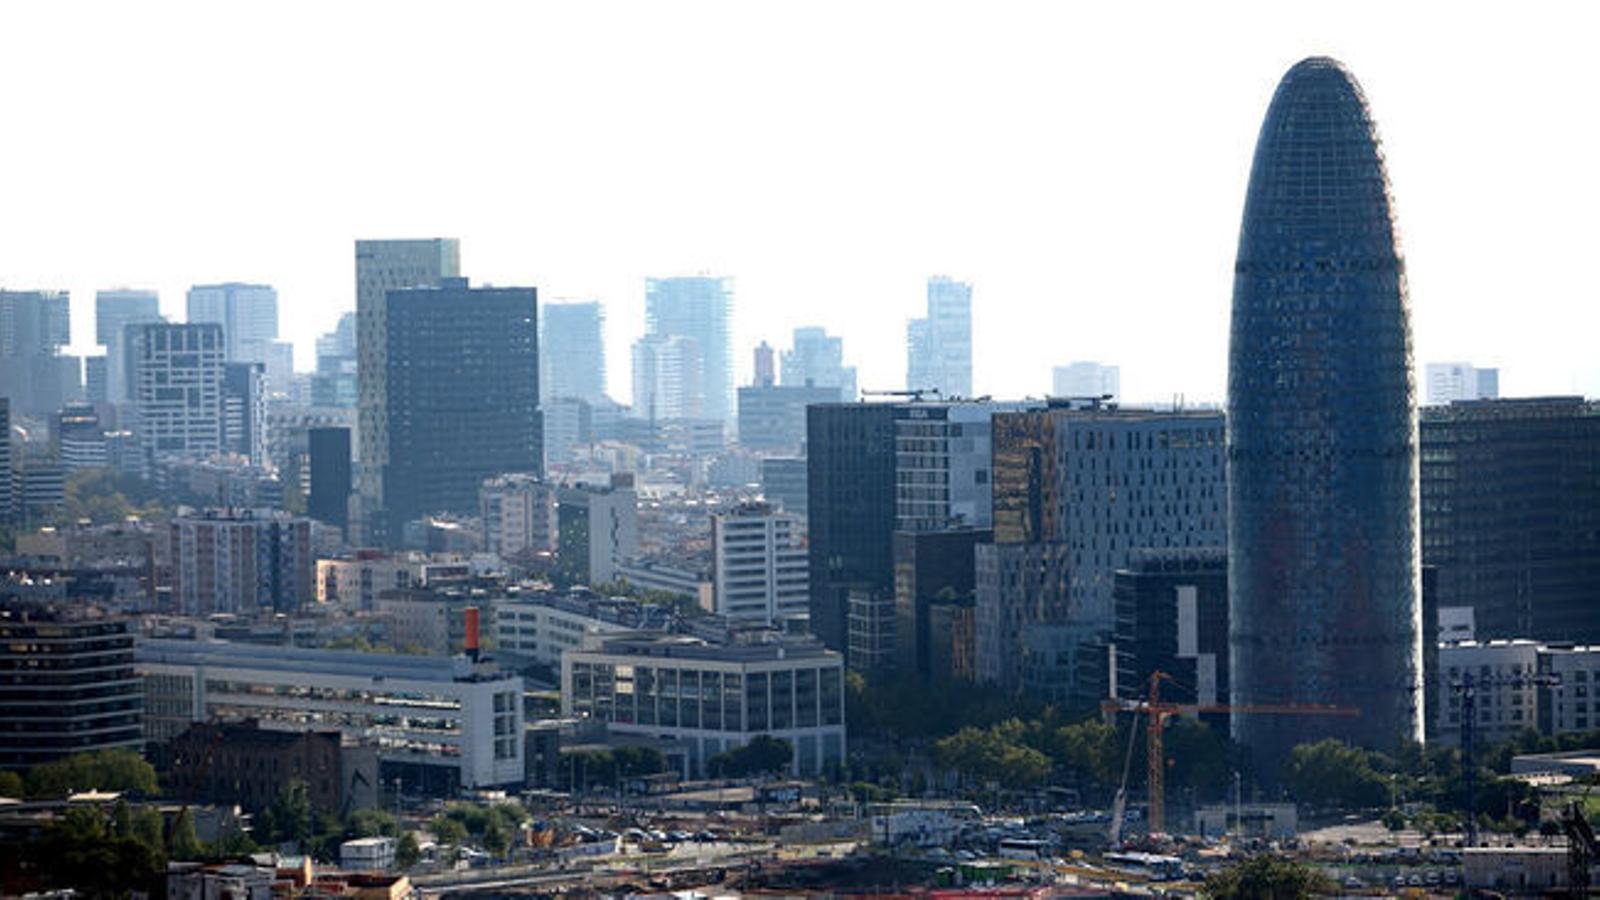 El districte del 22@ s'ha consolidat els últims anys com el districte tecnològic de Barcelona.